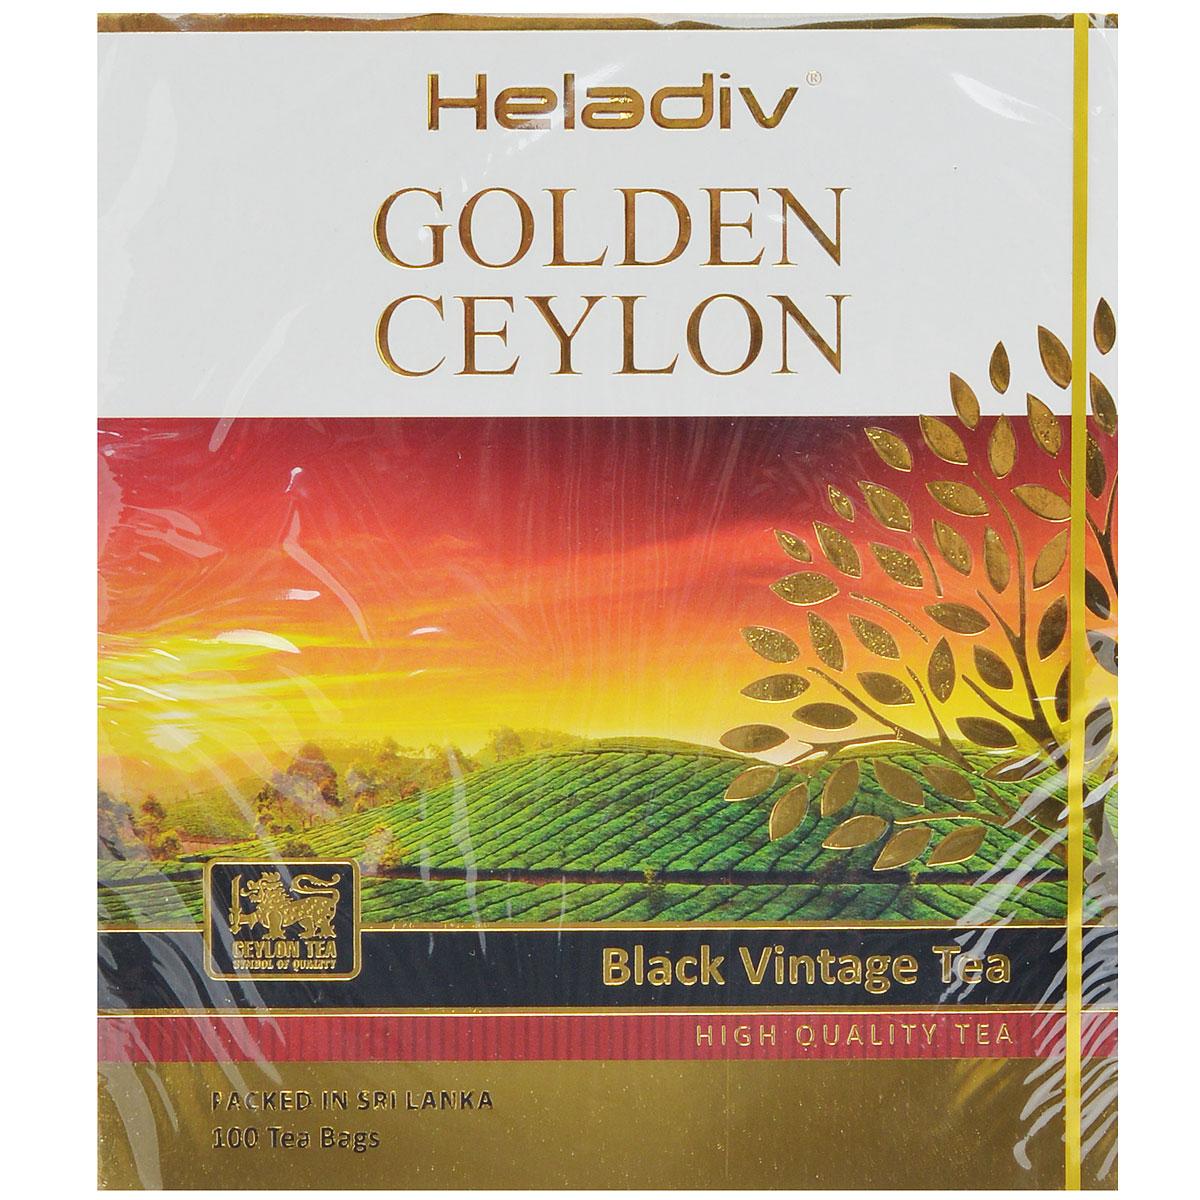 Heladiv Golden Ceylon Vintage Black черный пакетированный чай, 100 пакетиков jin июня mei golden брови уишаньский черный чай распродажа